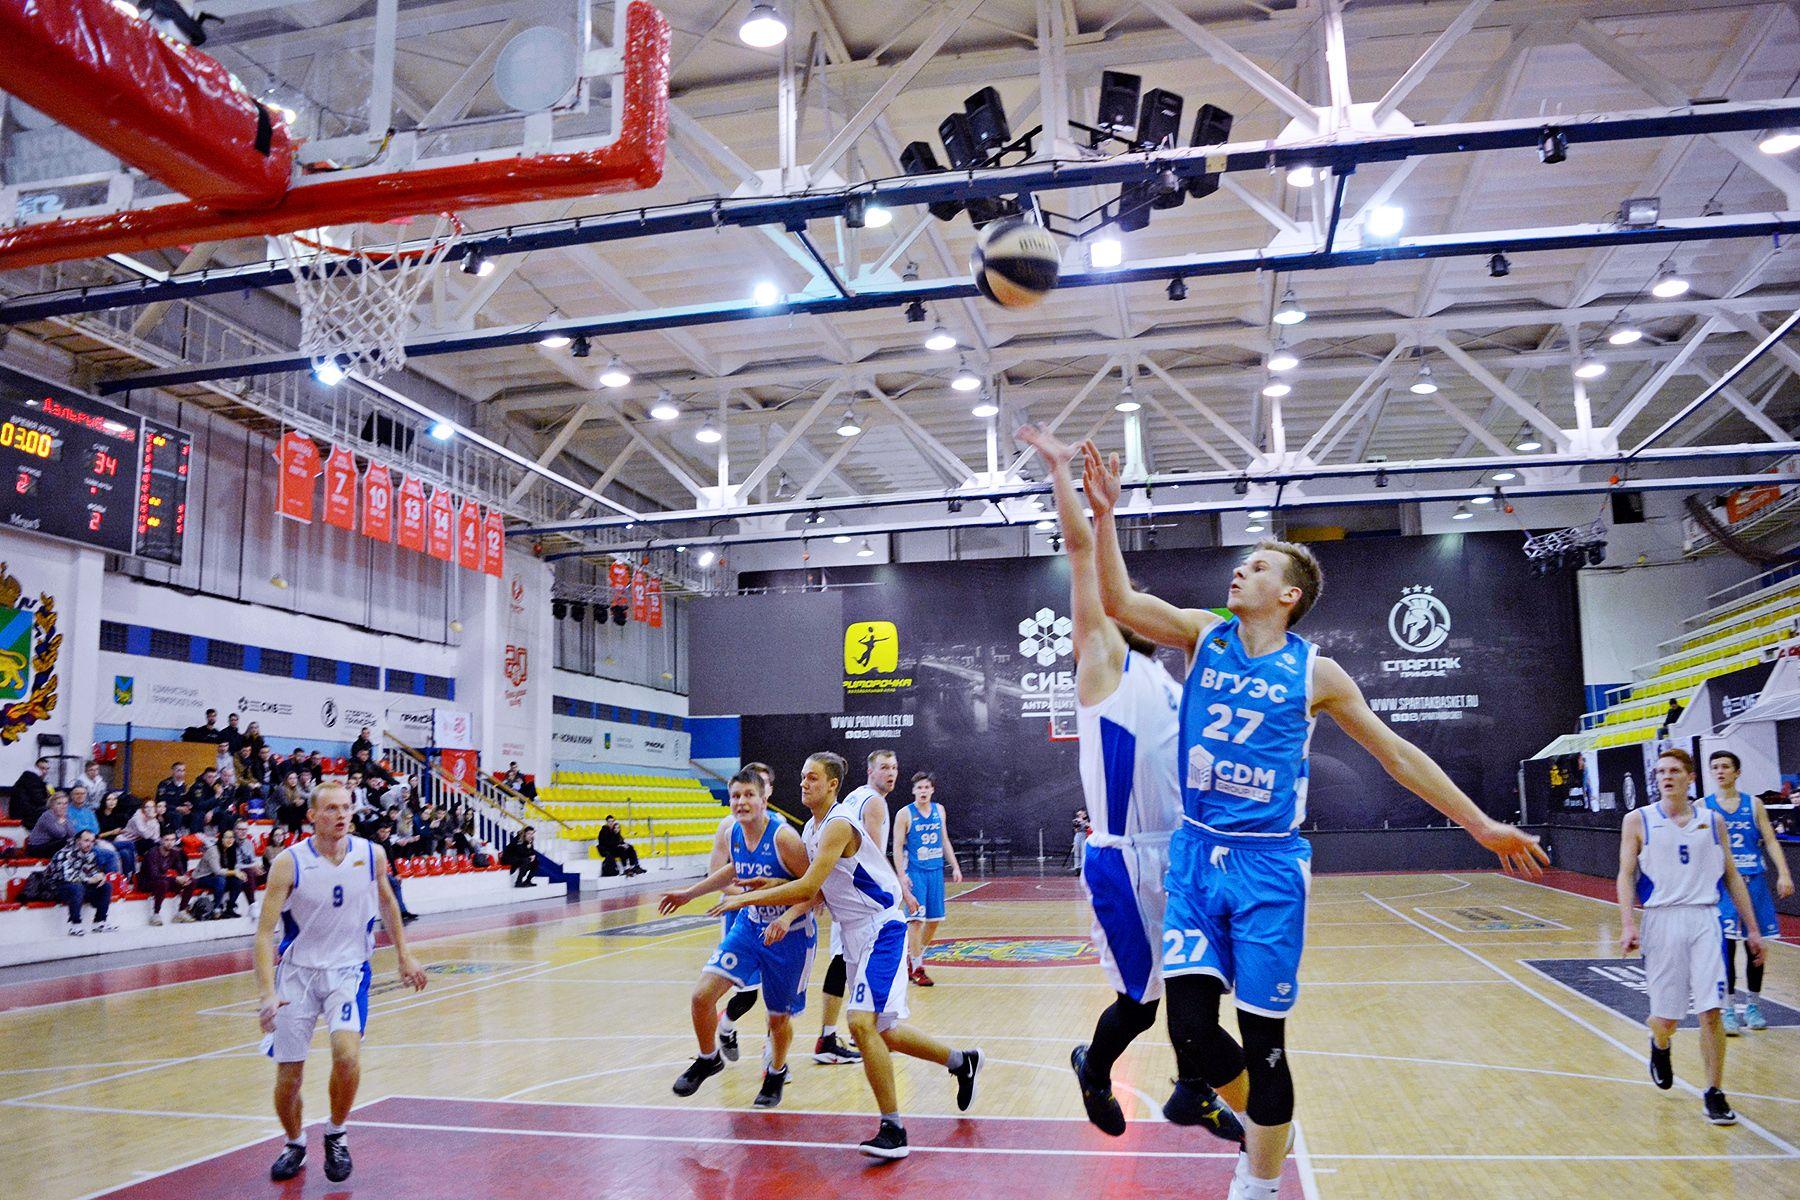 Баскетбольная команда ВГУЭС – серебряный призер чемпионата АСБ дивизиона Приморье